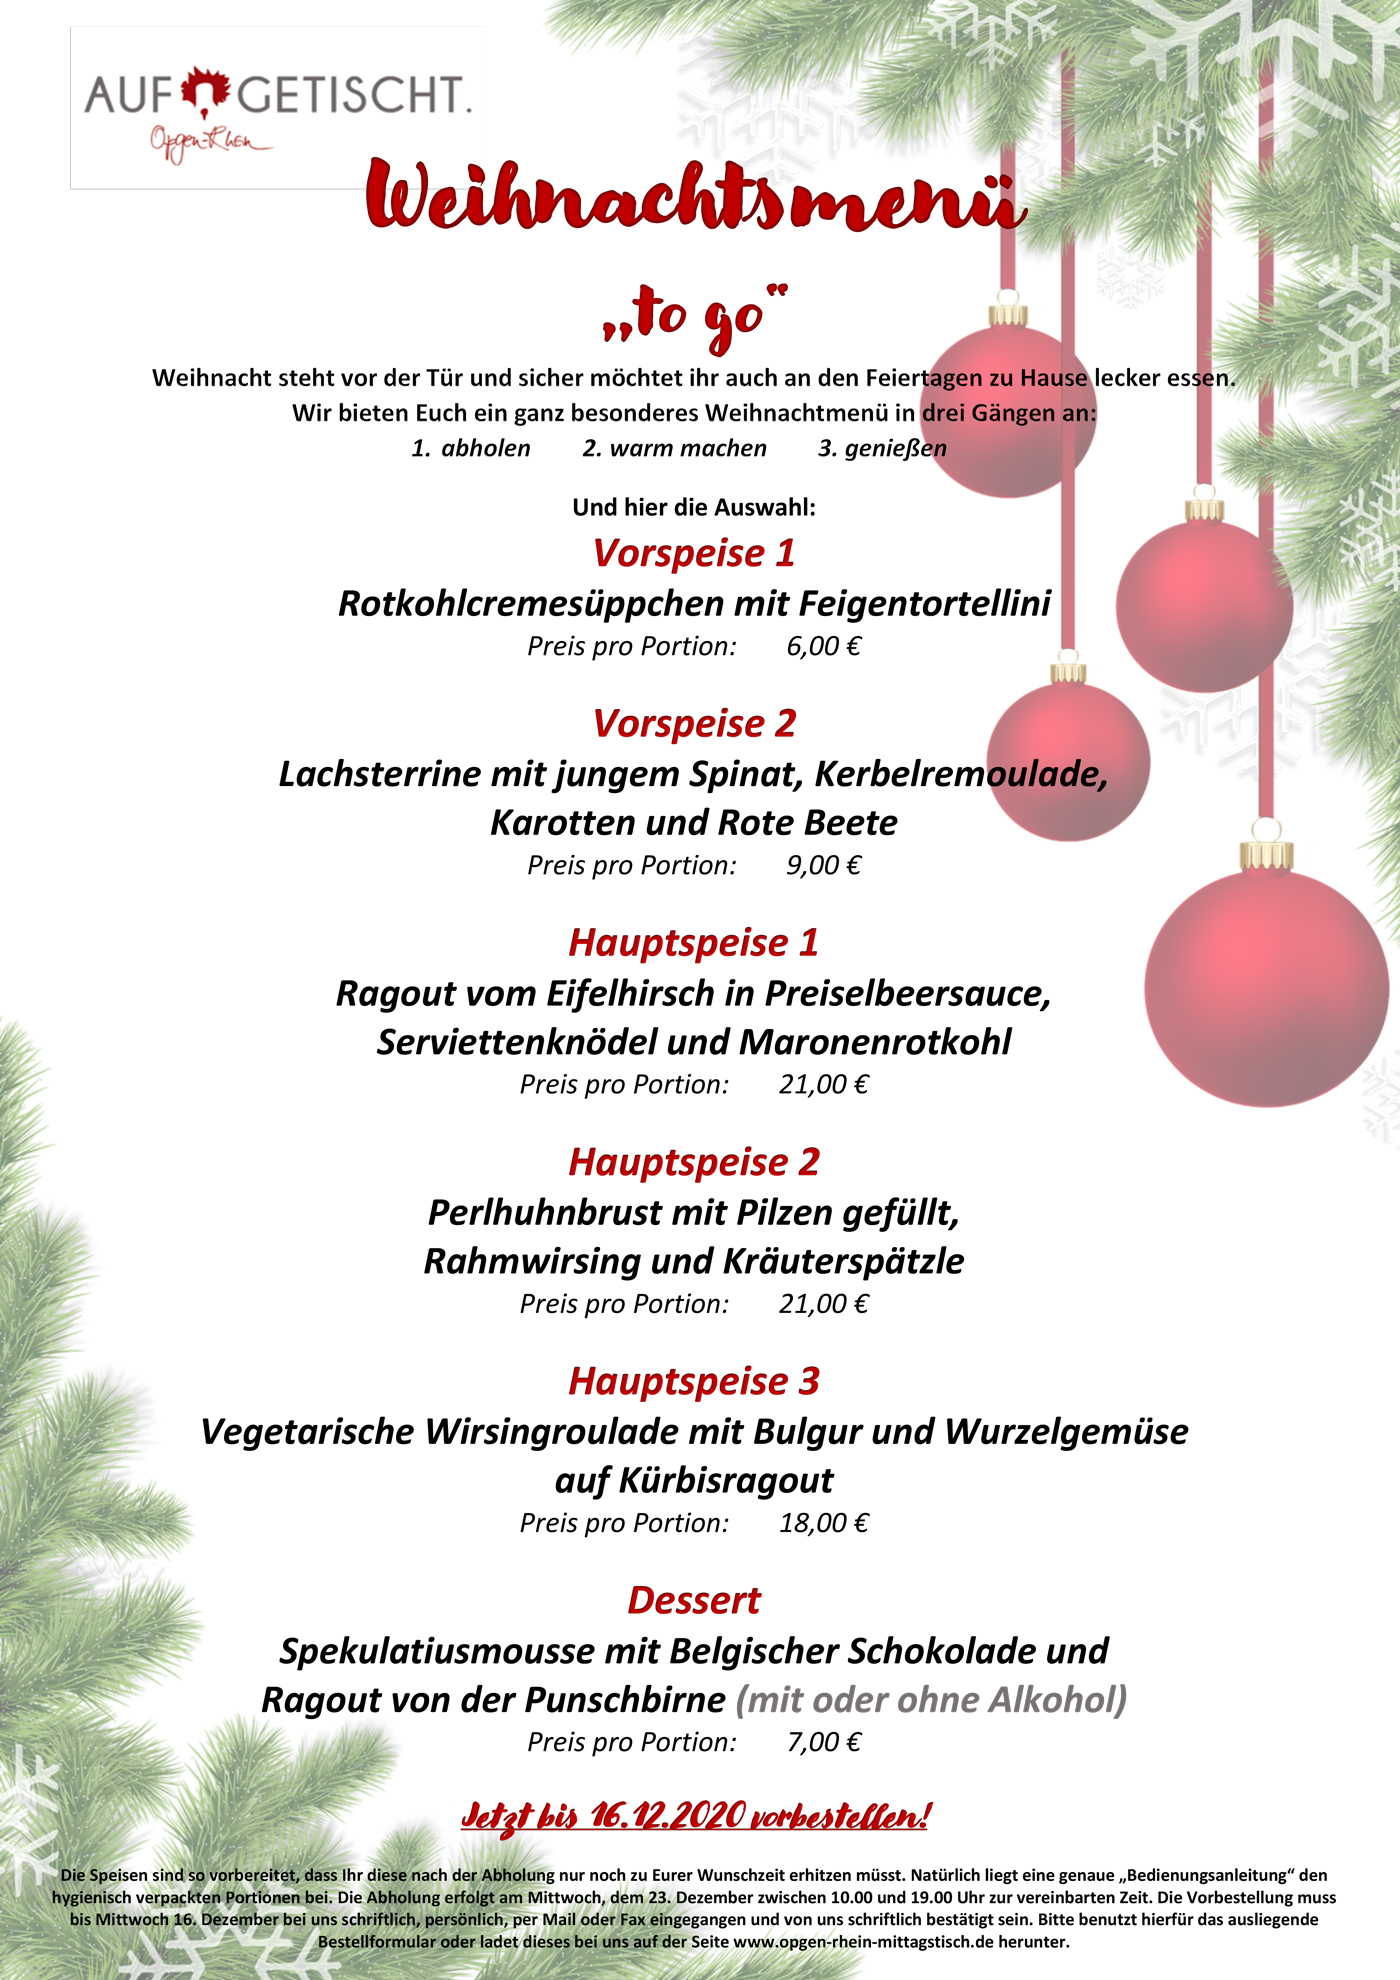 Das Menü zu Weihnachten